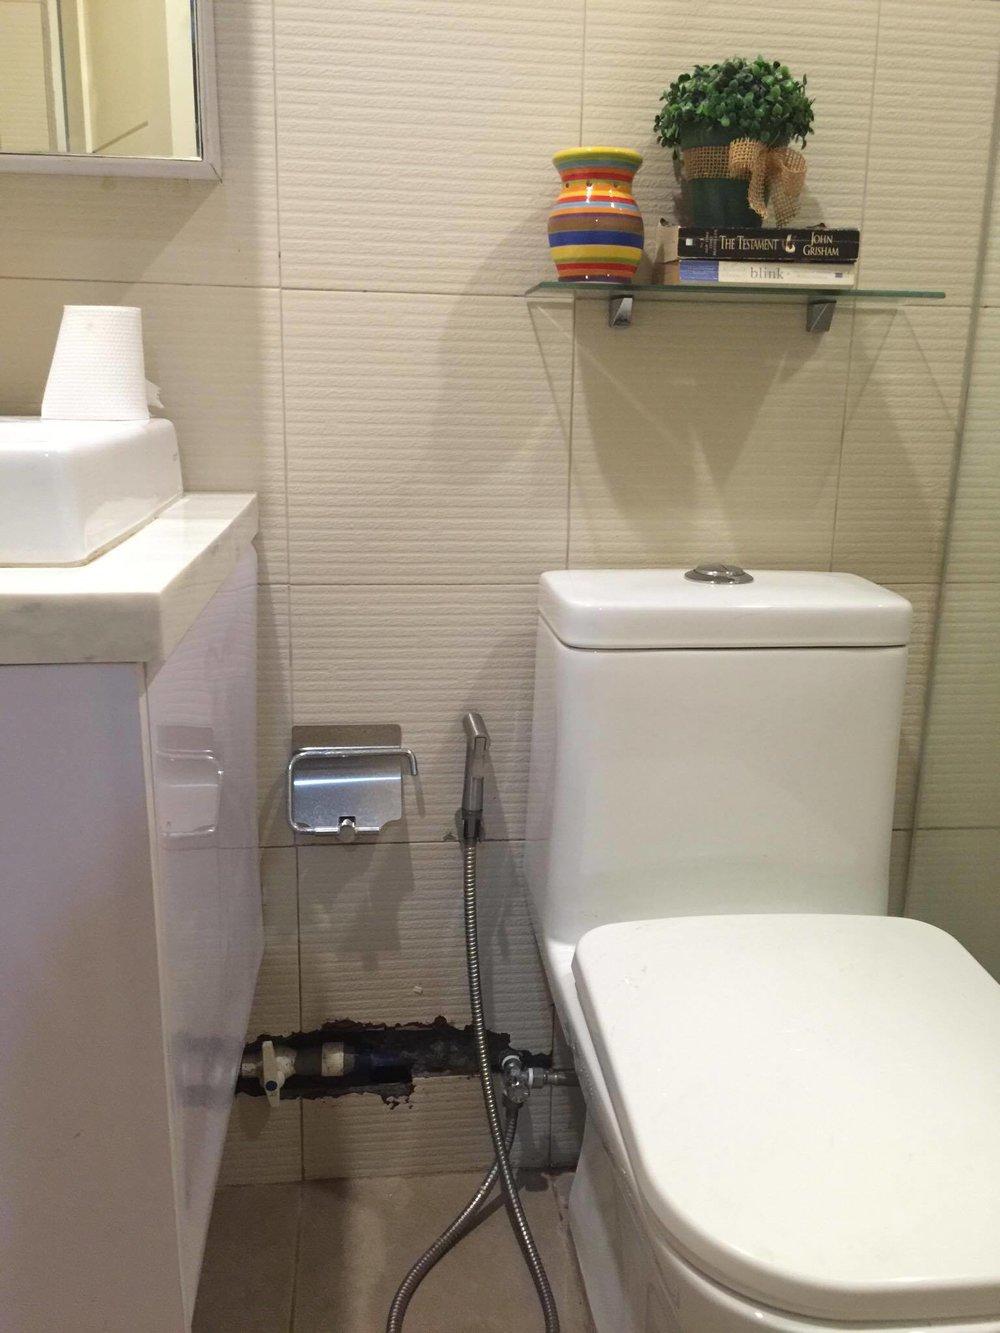 Leaky plumbing